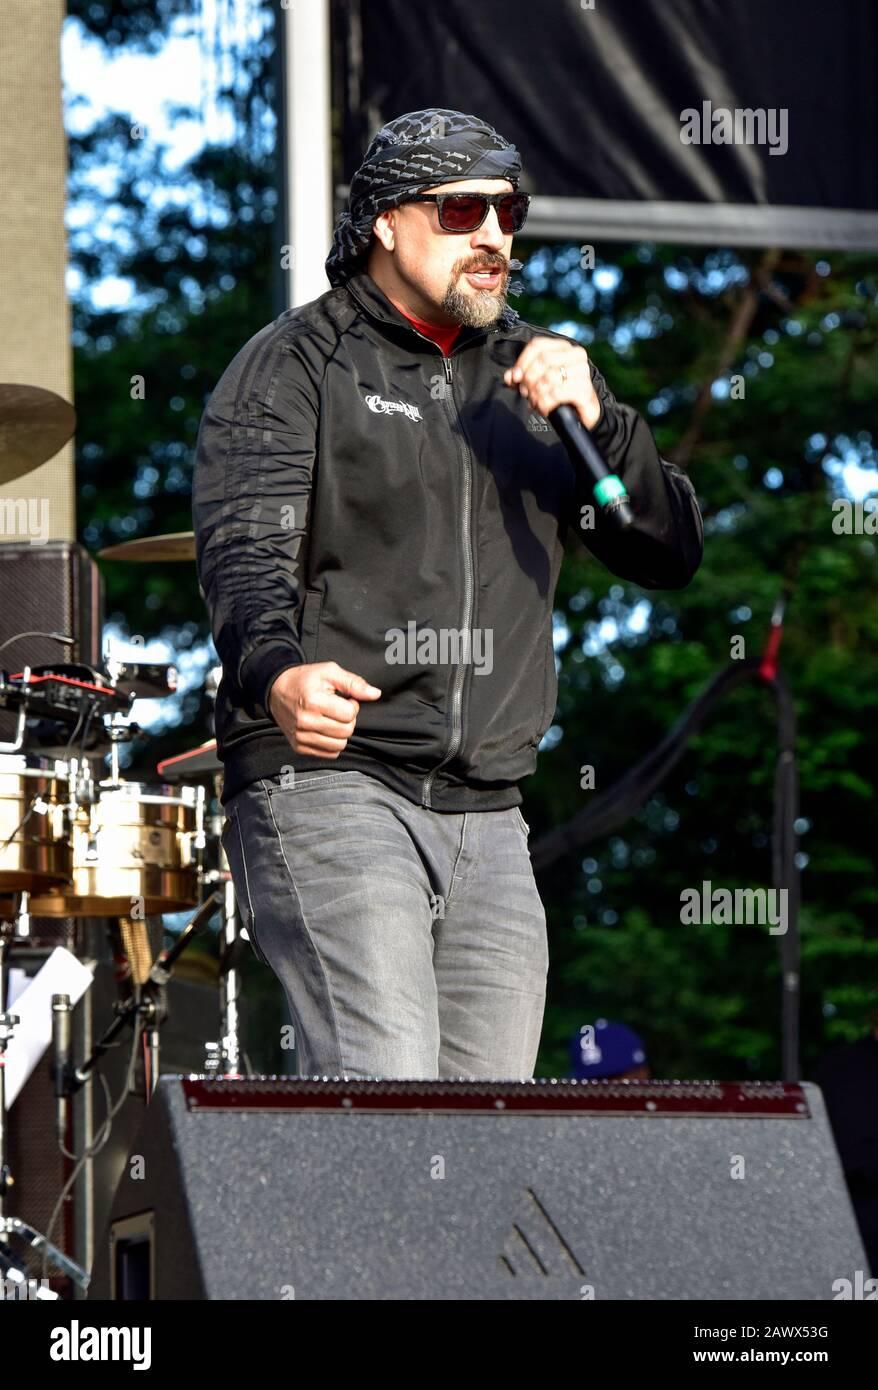 B-Real de Cypress Hill en el escenario del Bottlerock Music Festival En Napa, California. Foto de stock